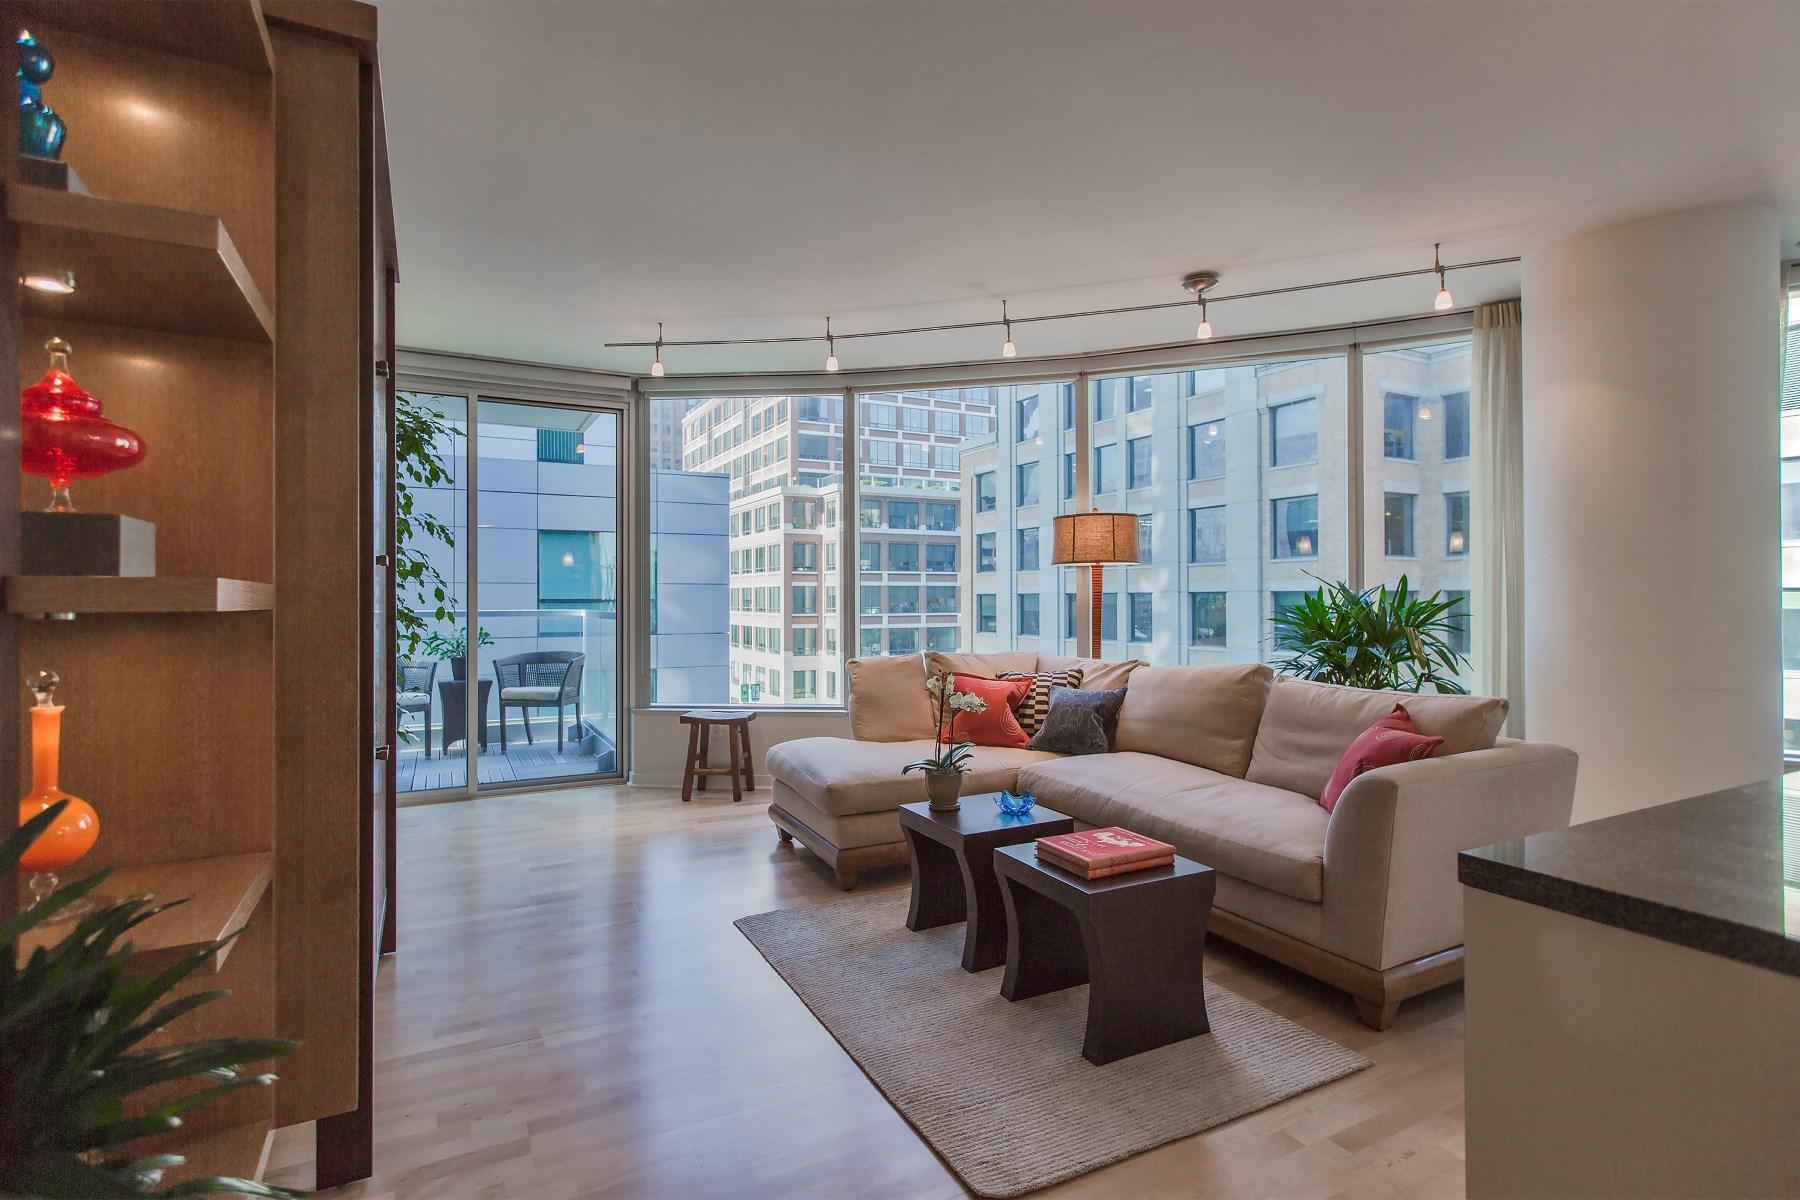 Nhà chung cư vì Bán tại Luxury 2-Bedroom Condo at The Infinity 338 Spear St Unit 6b South Beach, San Francisco, California 94105 Hoa Kỳ